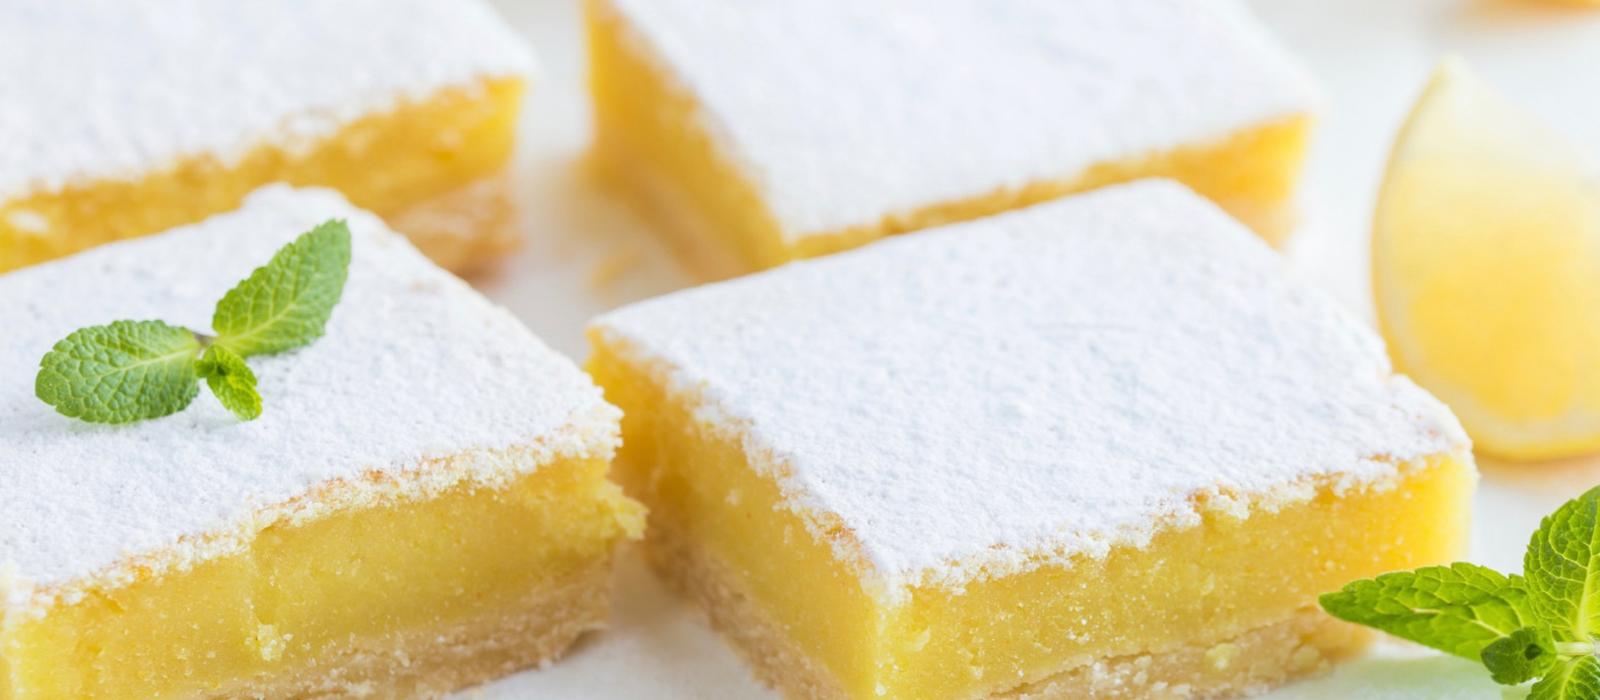 The CBD Cookery: Kief-y Shortbread PLUS BONUS (Lemon Bars)